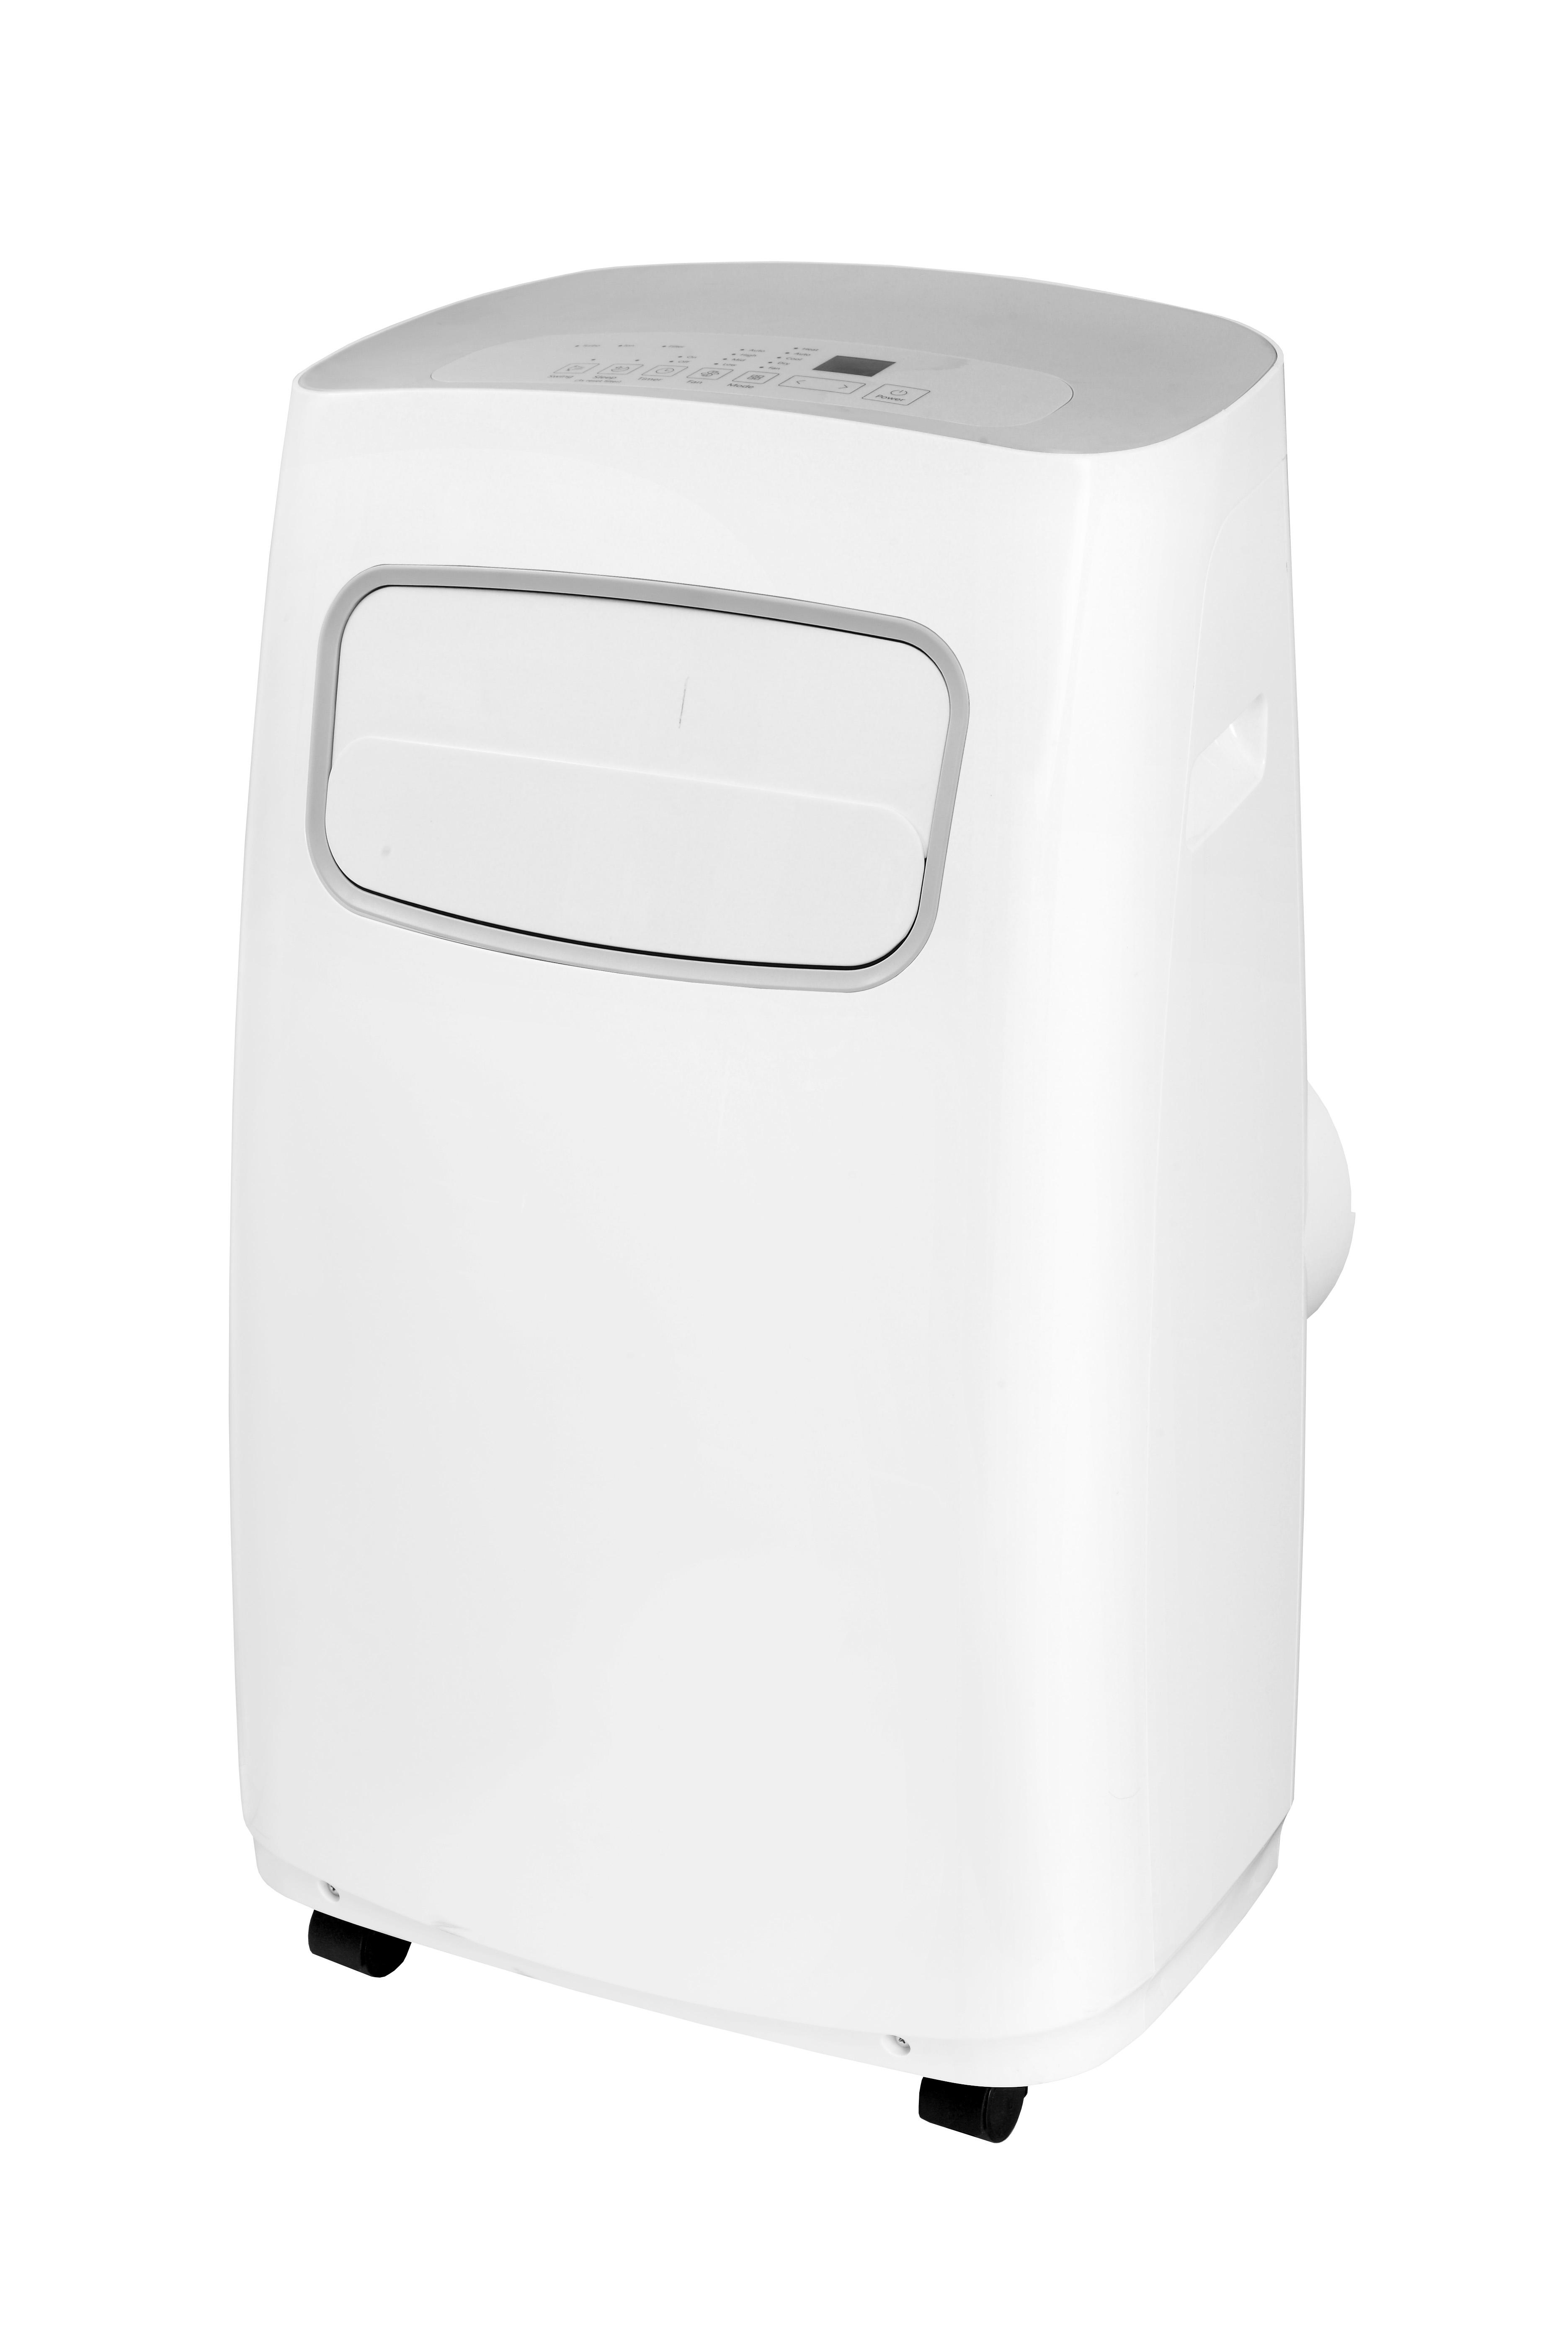 Comfee sognidoro 12 confronta i prezzi e offerte online for Condizionatore portatile prezzi